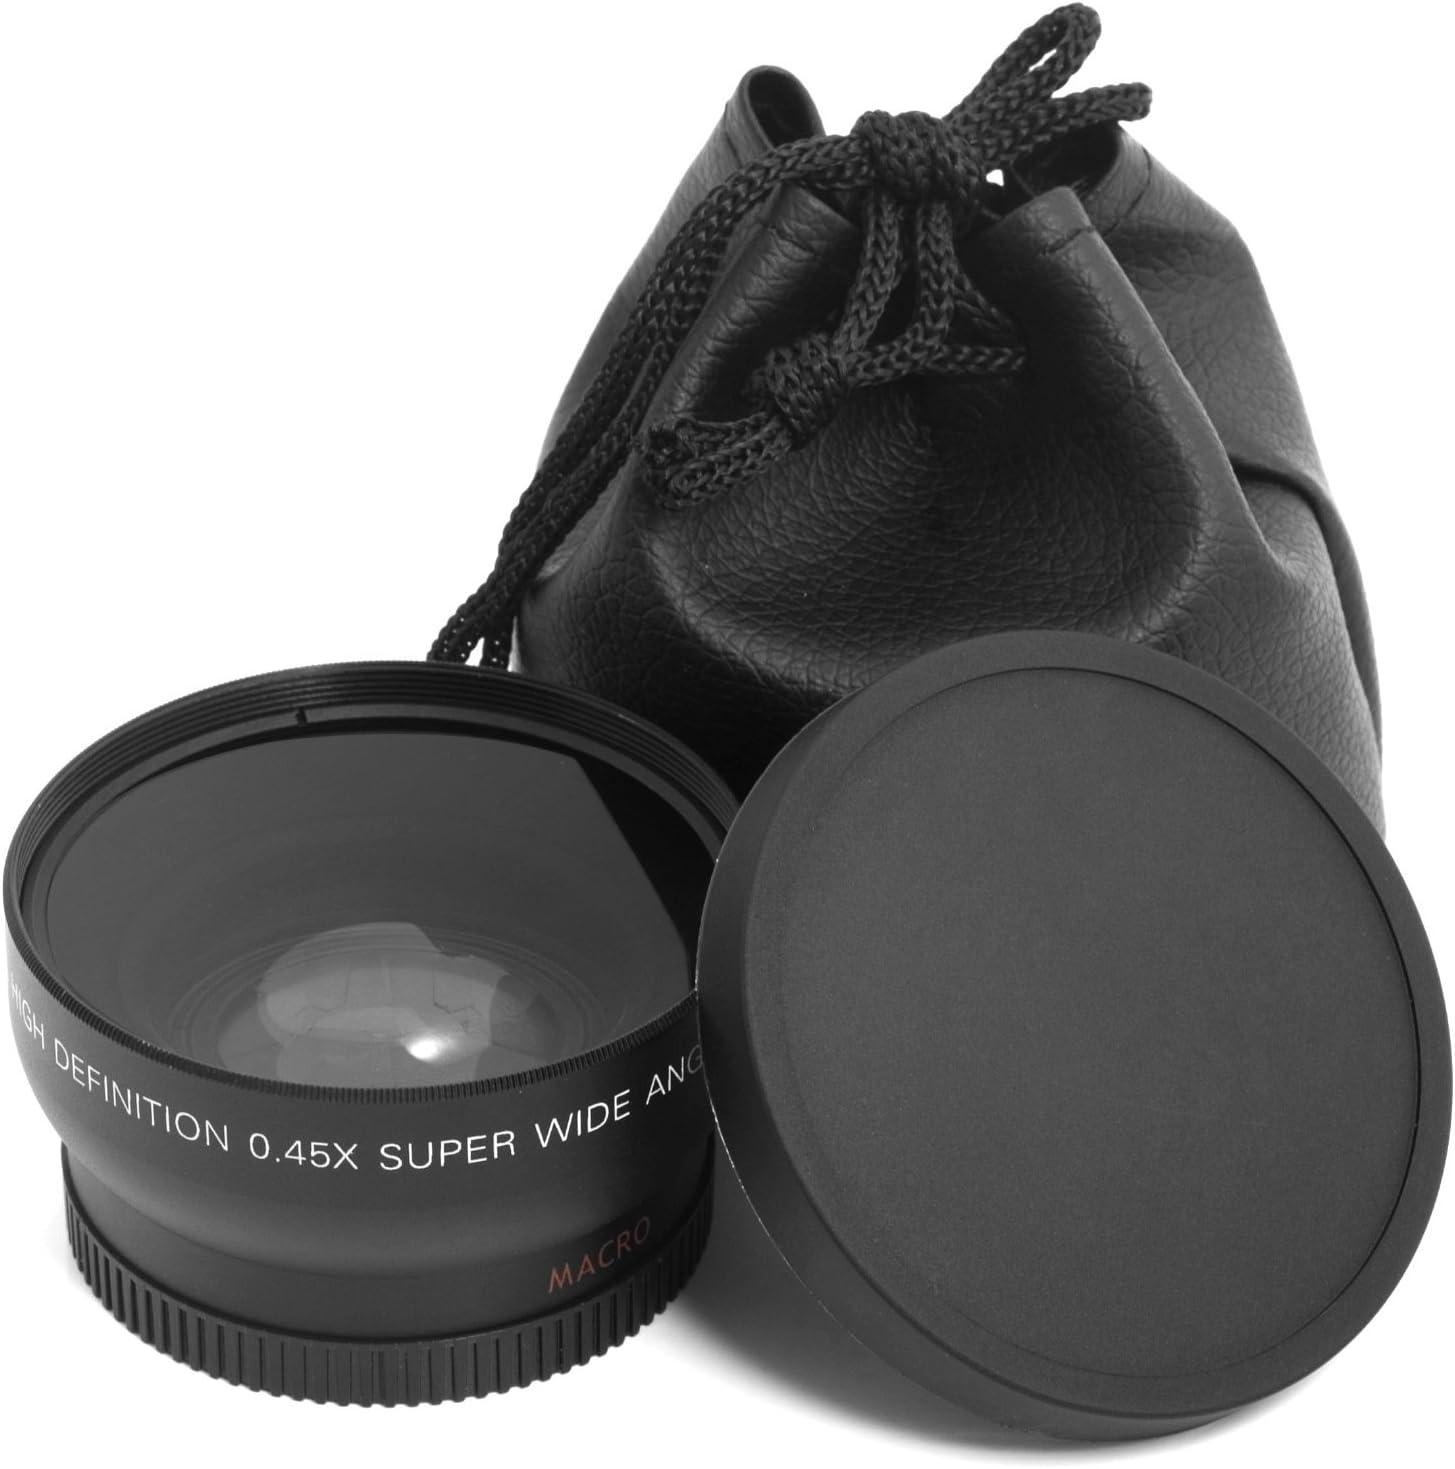 HD 52MM 0.45x obiettivo grandangolare con obiettivo macro per Canon Nikon 52MM fotocamera DSLR